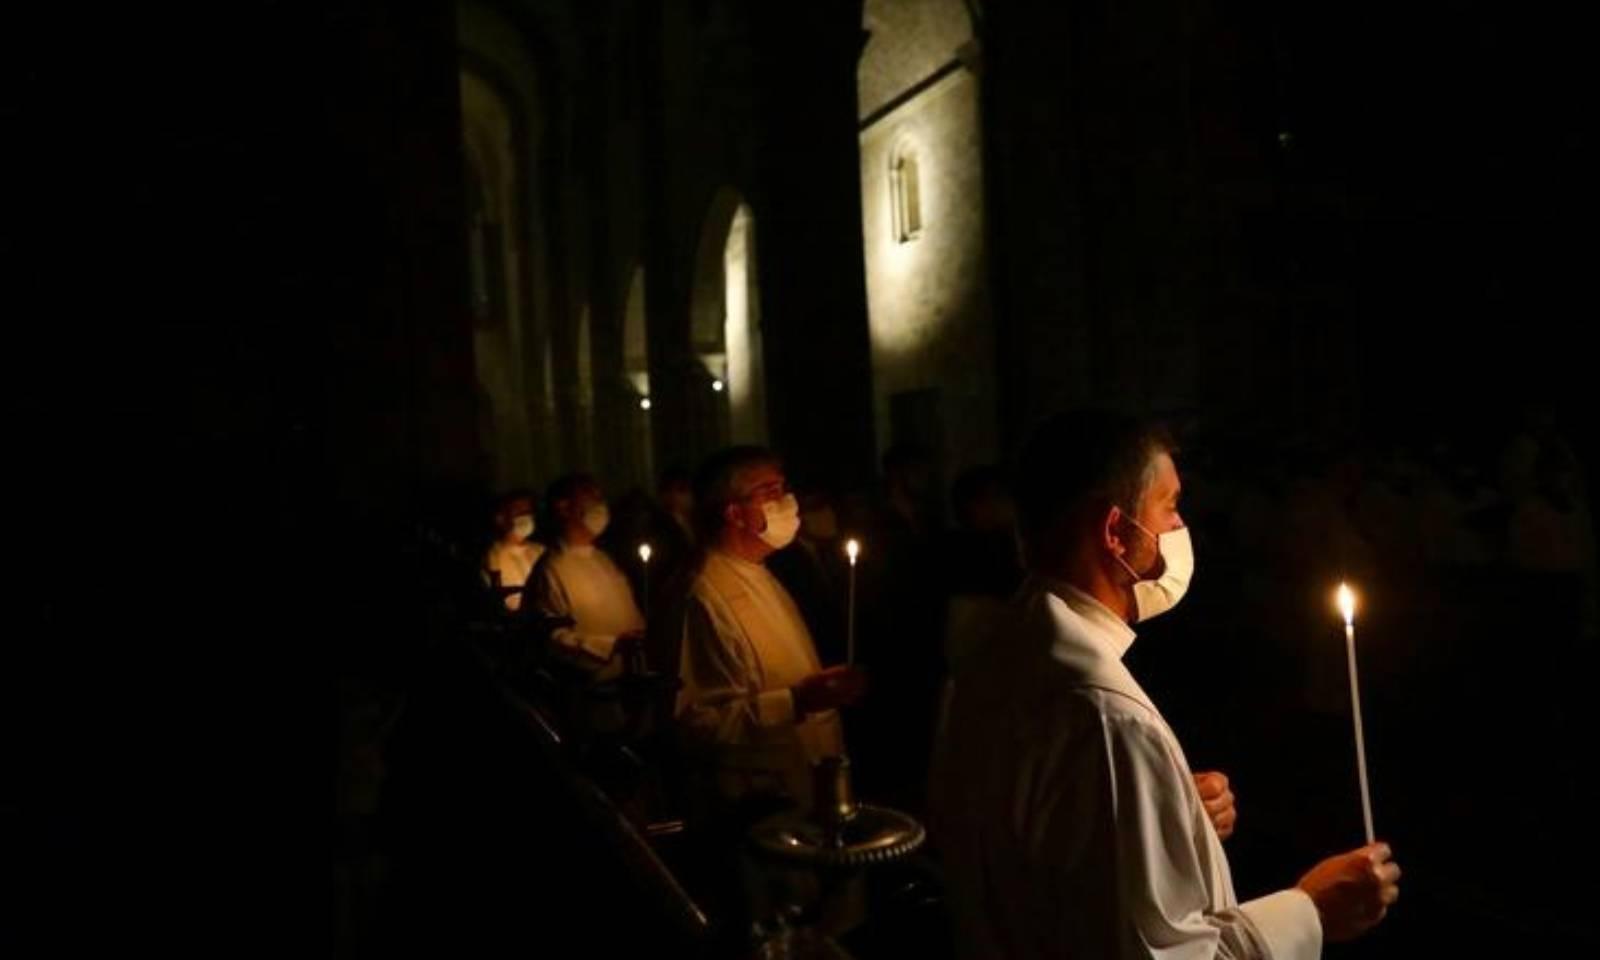 کورونا کے باعث پرتگال میں محدود پیمانے پر ایسٹر کا تہوار منایا گیا  —فوٹو:رائٹرز